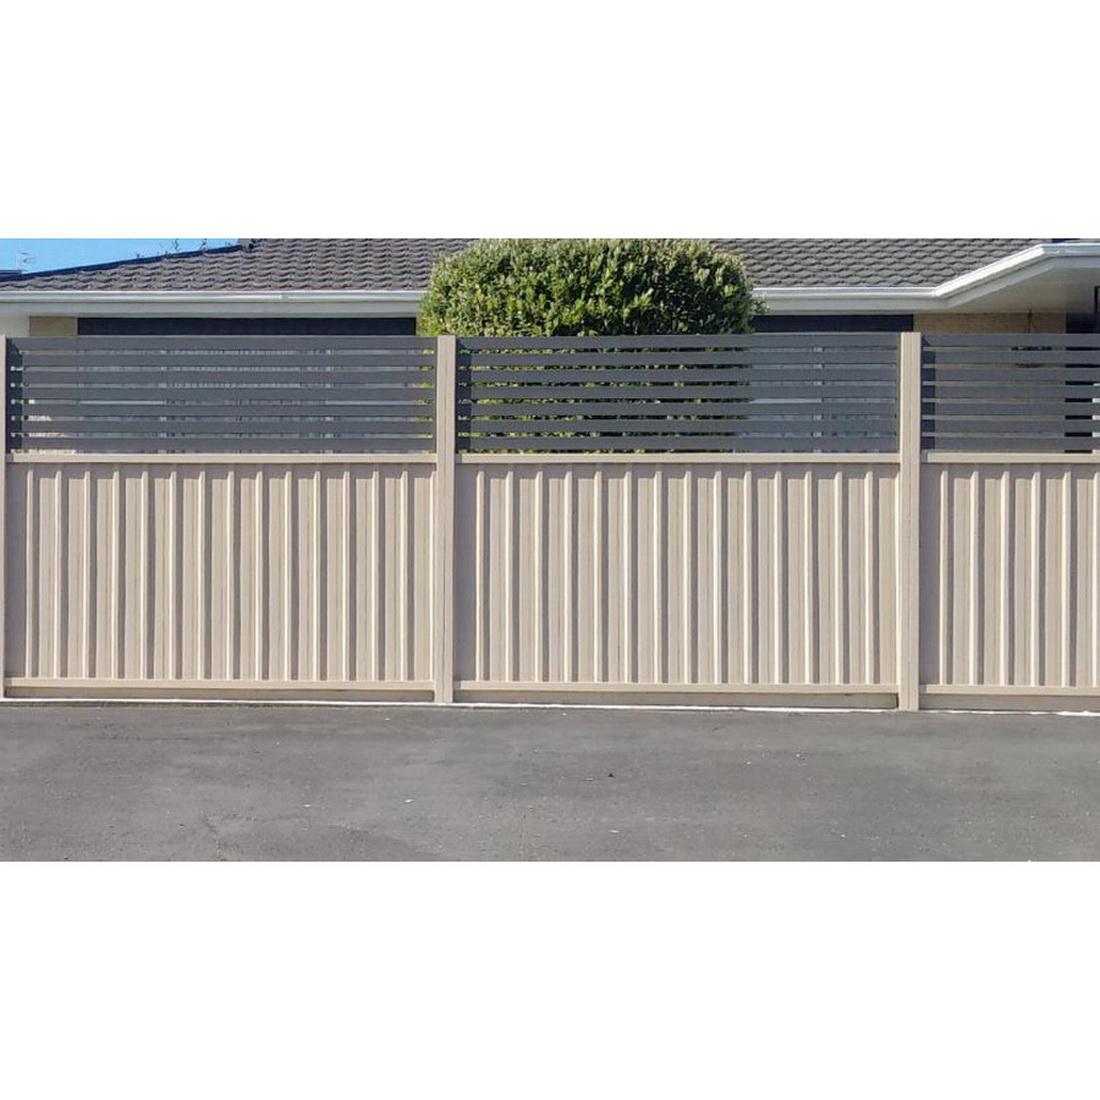 Borderline 1.5/3 Fence Panel 1800 x 2300mm Desertsand